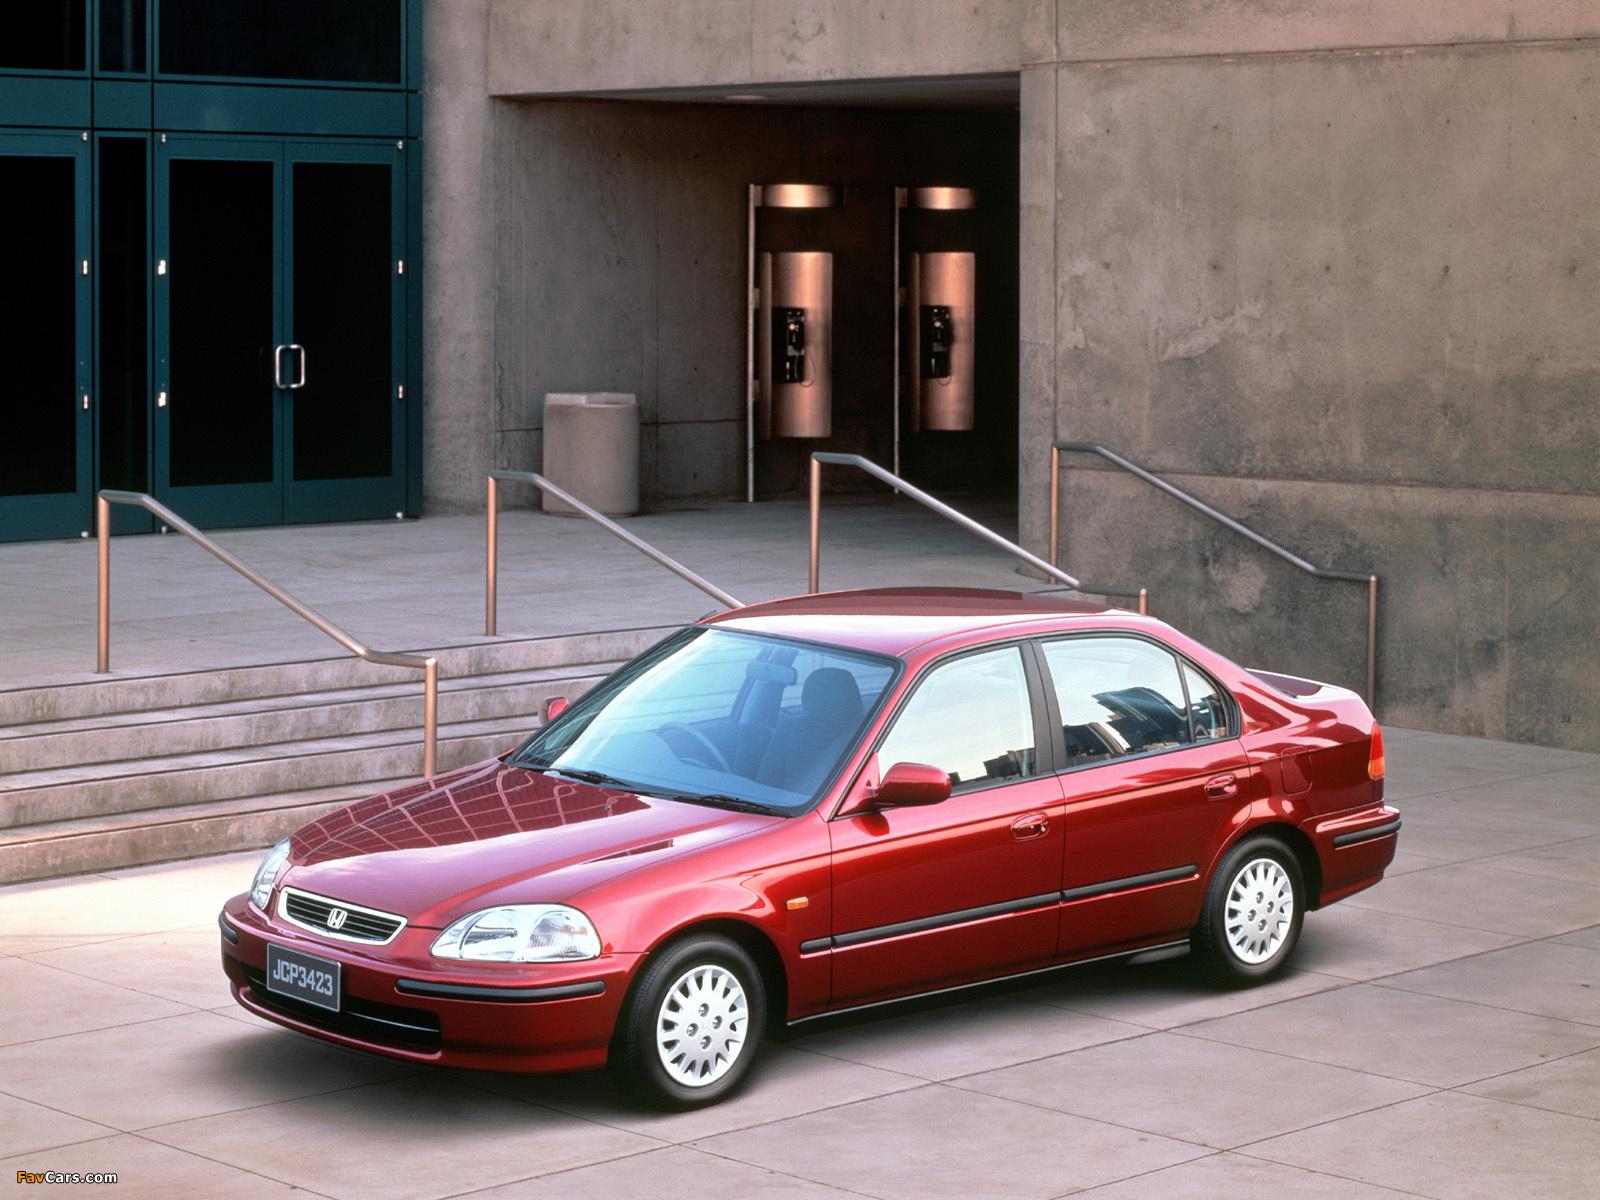 Kekurangan Harga Honda Civic Bekas Perbandingan Harga